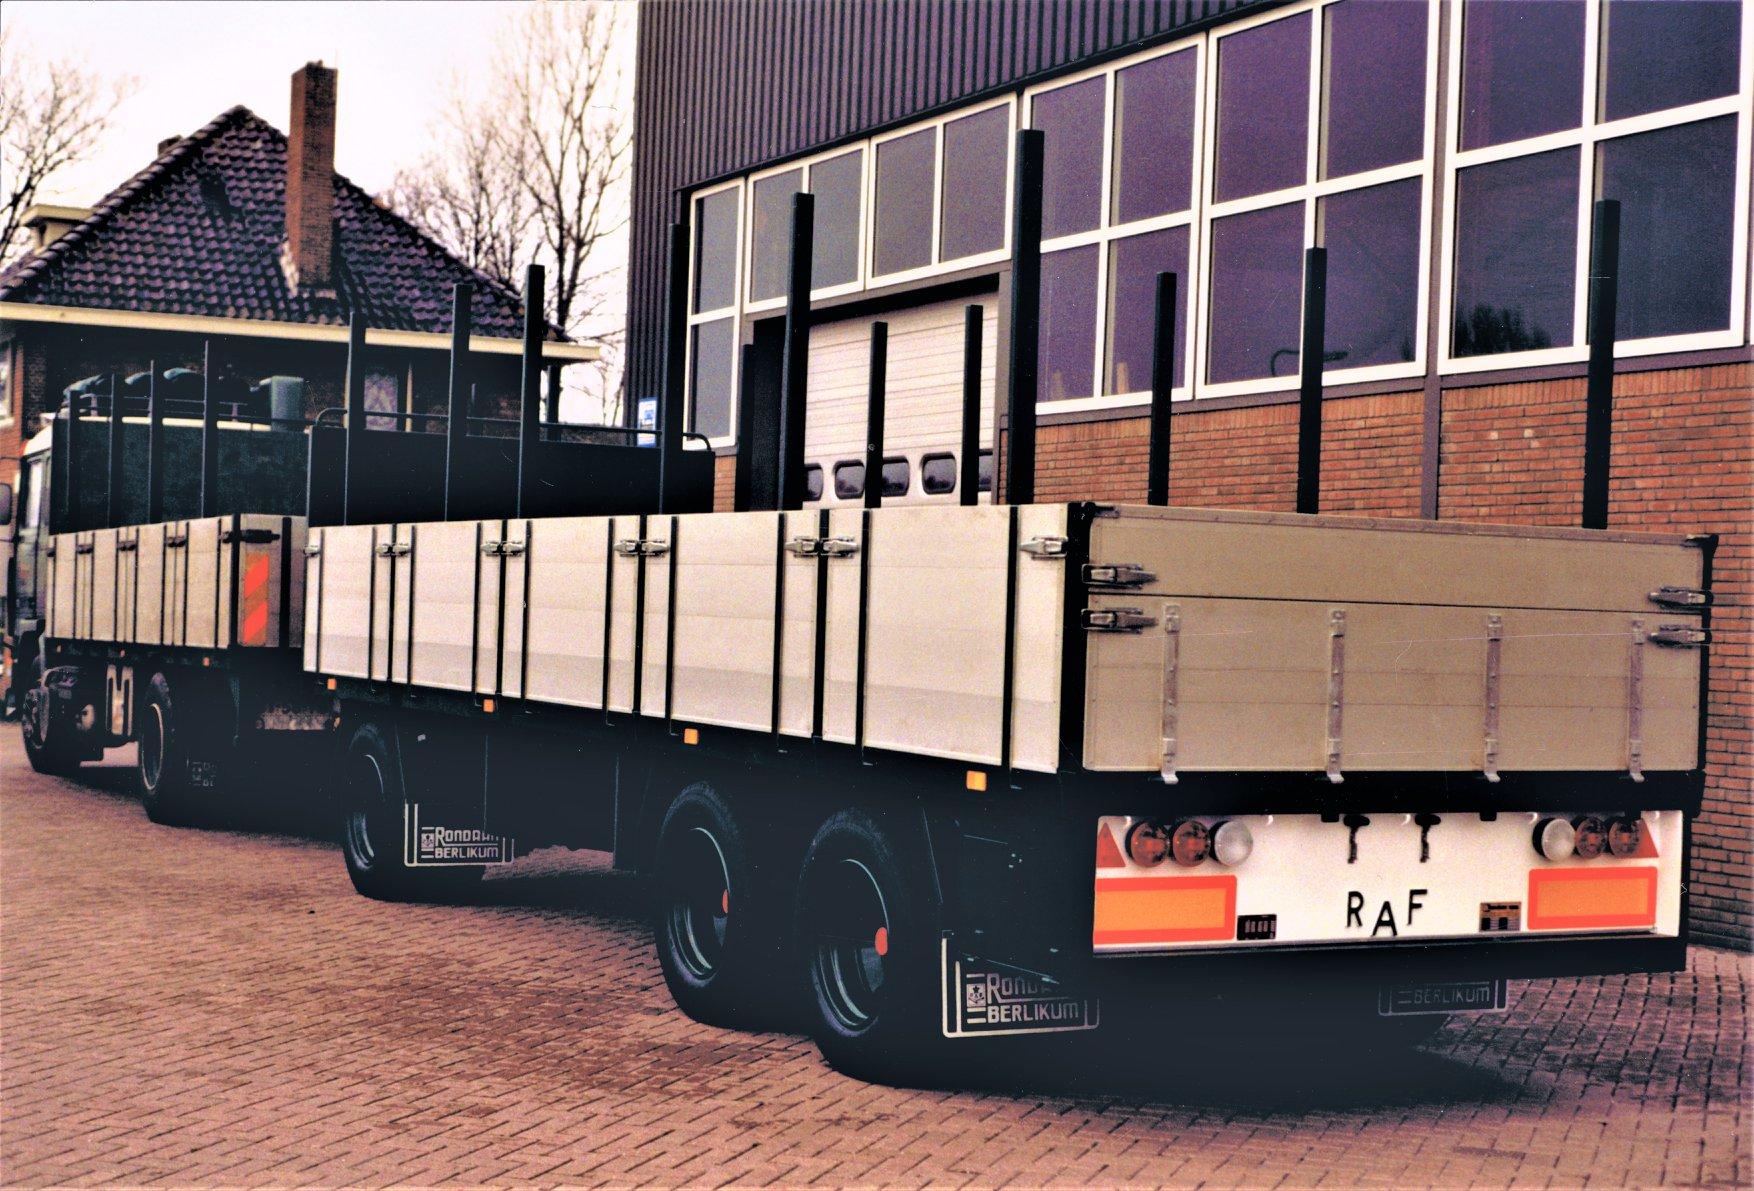 Volvo-F10-en-een-RAF-Tandemas-aanhangwagen-zijn-door-Rondaan-in-Berlikum-voor-Fa--H.De-Boer-Transportbedrijf-uit-Schettens-Lolle-Rondaan-foto-2